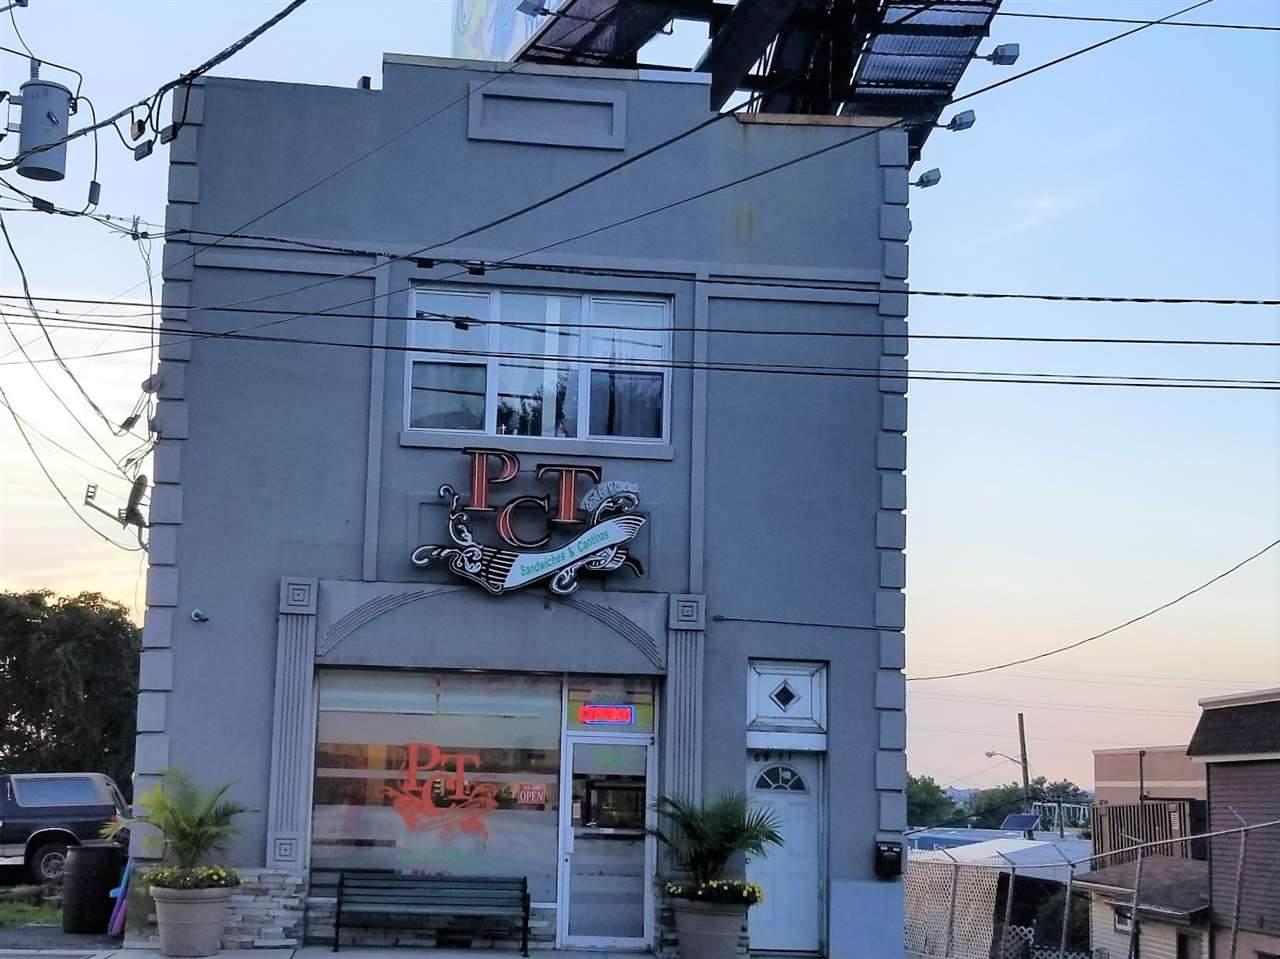 6911 Tonnelle Ave - Photo 1